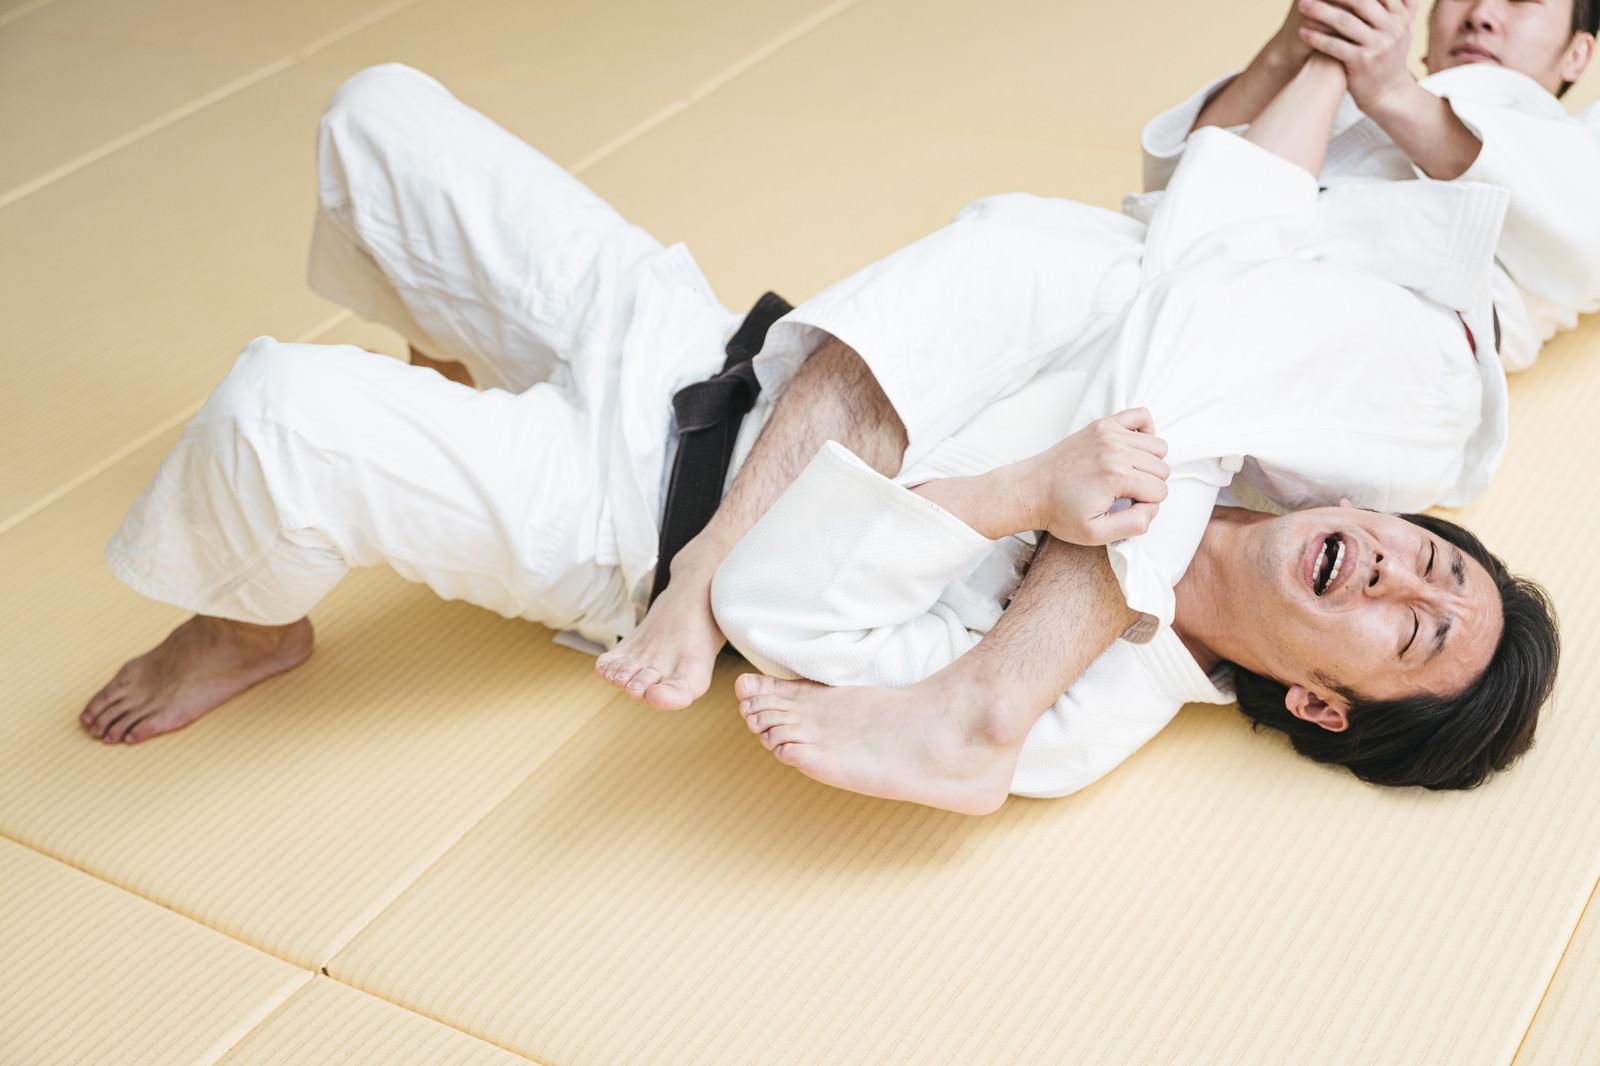 「腕ひしぎ十字固めに悶える柔道選手」の写真[モデル:大川竜弥]